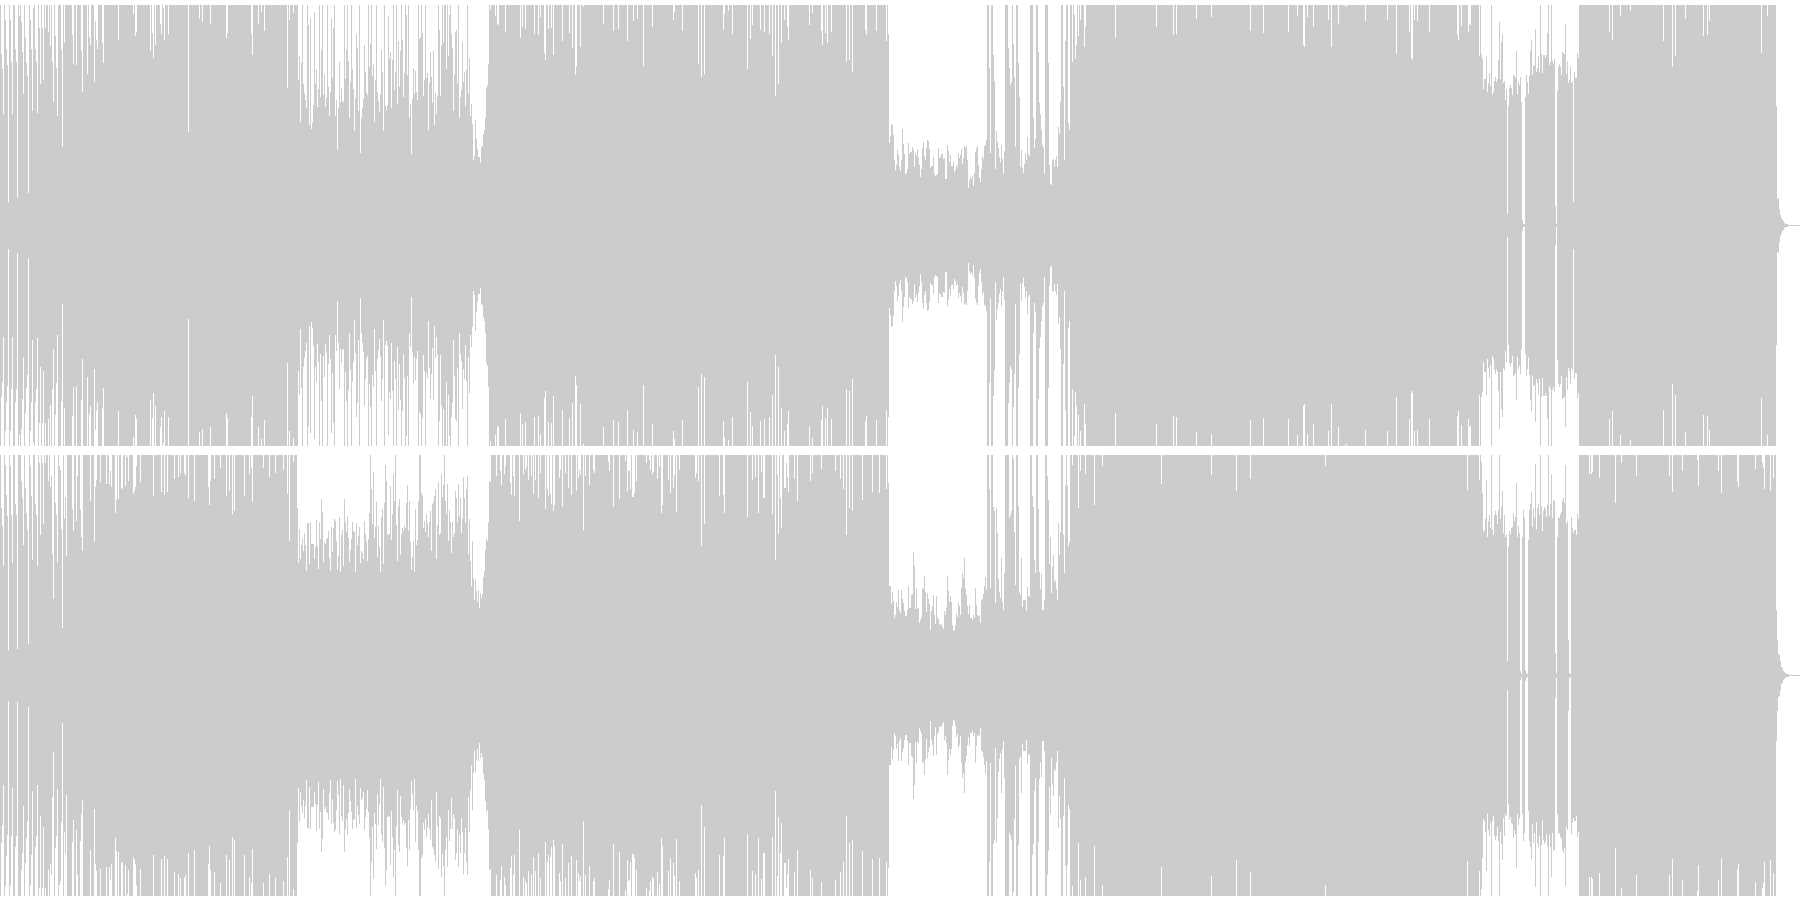 アグレッシブなデジタルロックRPGバトルの未再生の波形